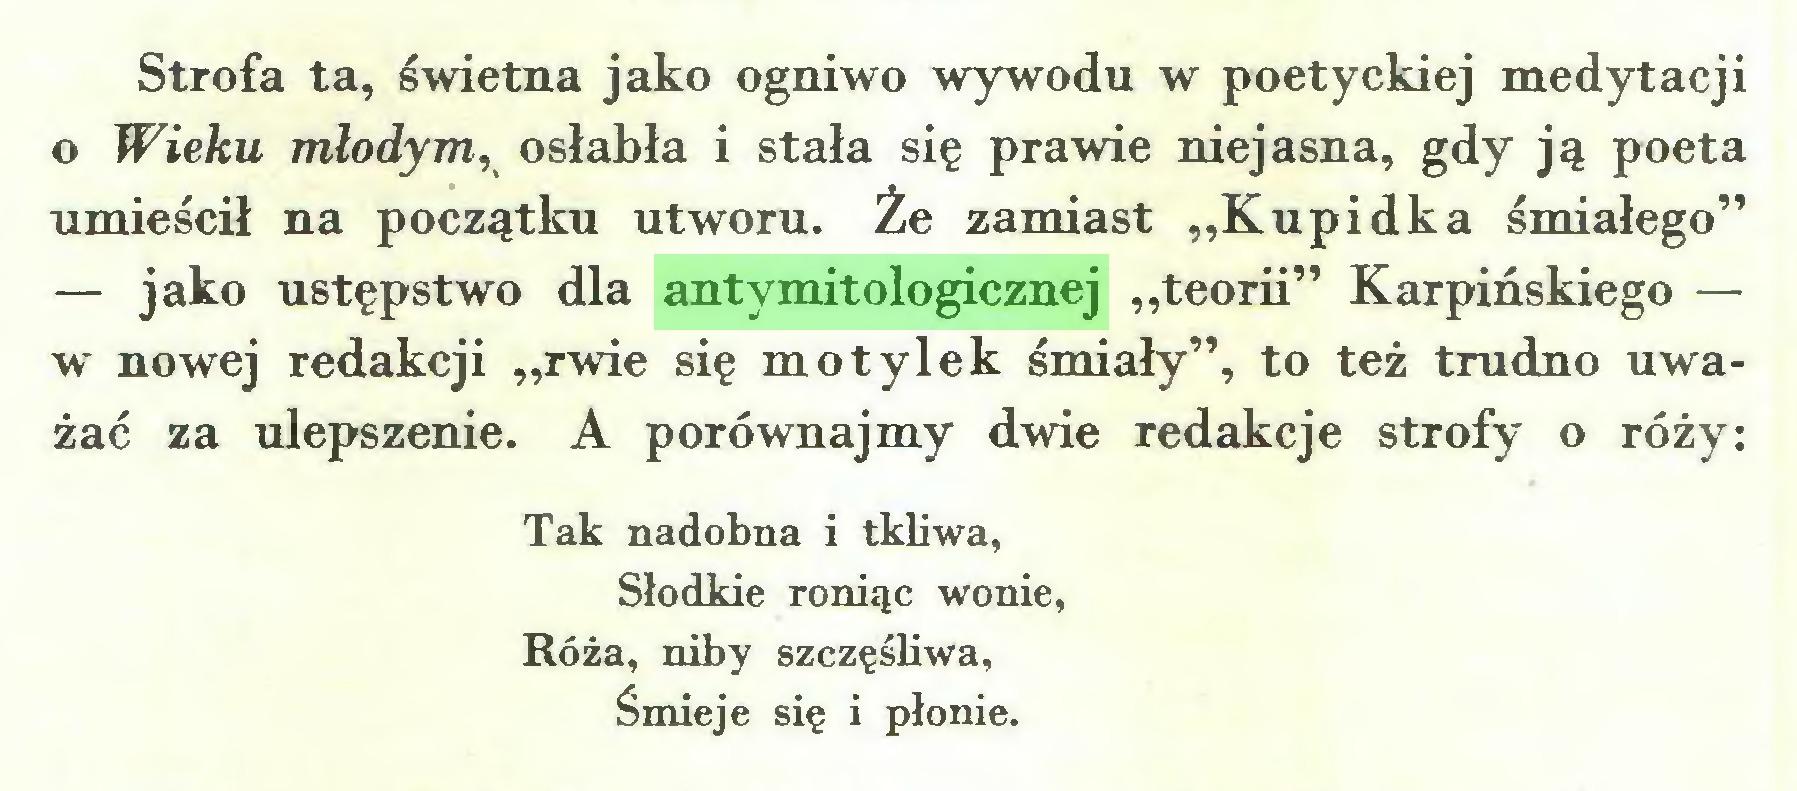 """(...) Strofa ta, świetna jako ogniwo wywodu w poetyckiej medytacji o Wieku młodym, osłabła i stała się prawie niejasna, gdy ją poeta umieścił na początku utworu. Że zamiast """"Kupidka śmiałego"""" — jako ustępstwo dla antymitologicznej """"teorii"""" Karpińskiego — w nowej redakcji """"rwie się motylek śmiały"""", to też trudno uważać za ulepszenie. A porównajmy dwie redakcje strofy o róży: Tak nadobna i tkliwa, Słodkie roniąc wonie, Róża, niby szczęśliwa, Śmieje się i płonie..."""